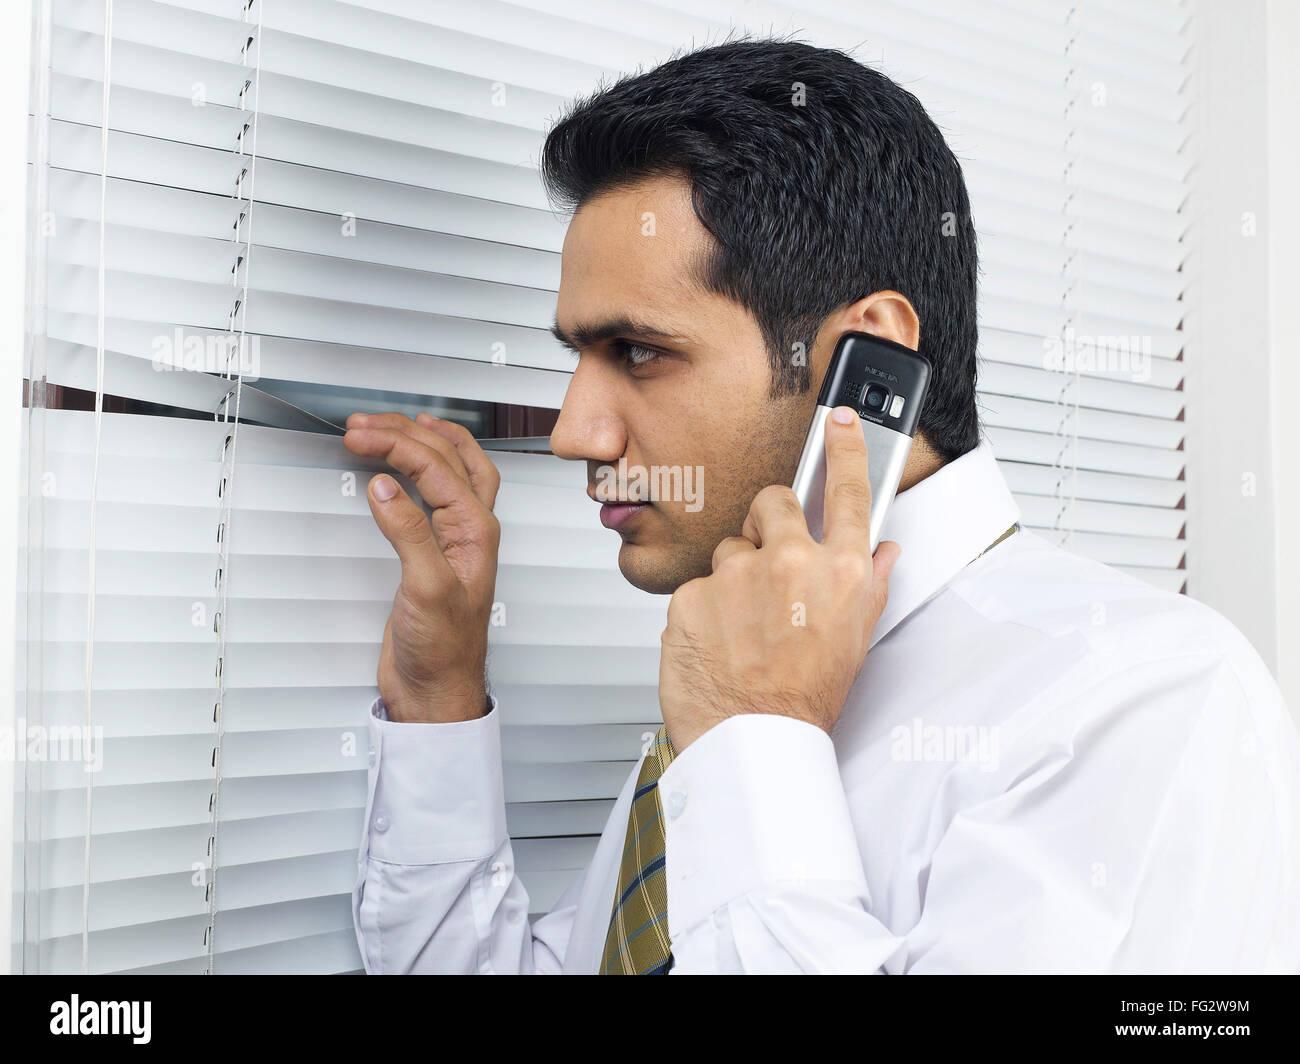 Multitasking executive peeping through venetian blind MR#779K - Stock Image